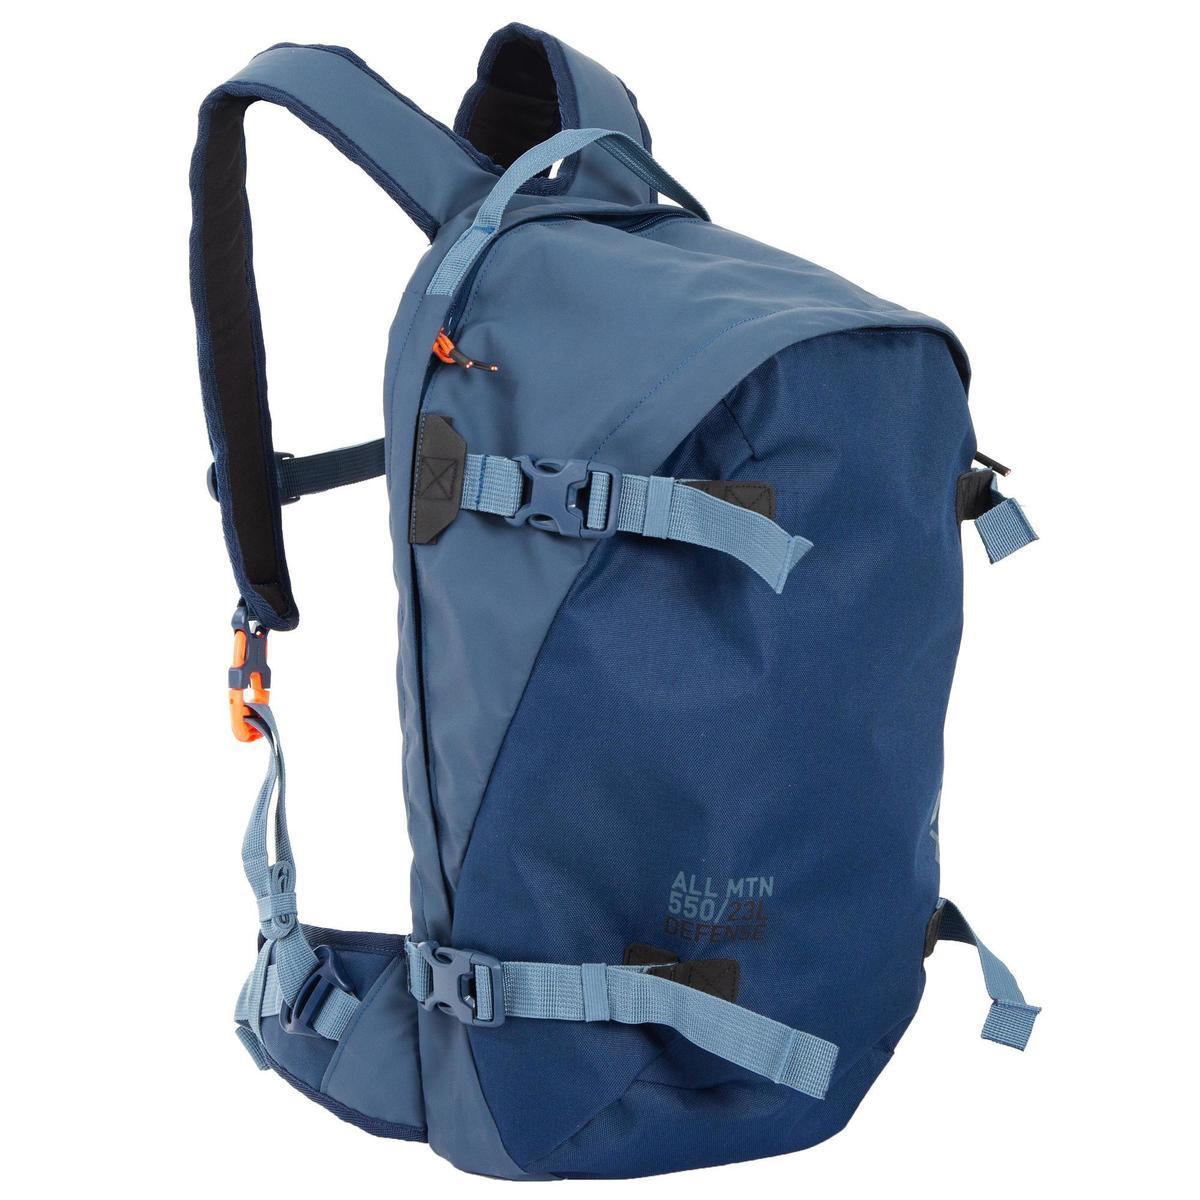 Bild 1 von Skirucksack Free Ride FS 500 blau